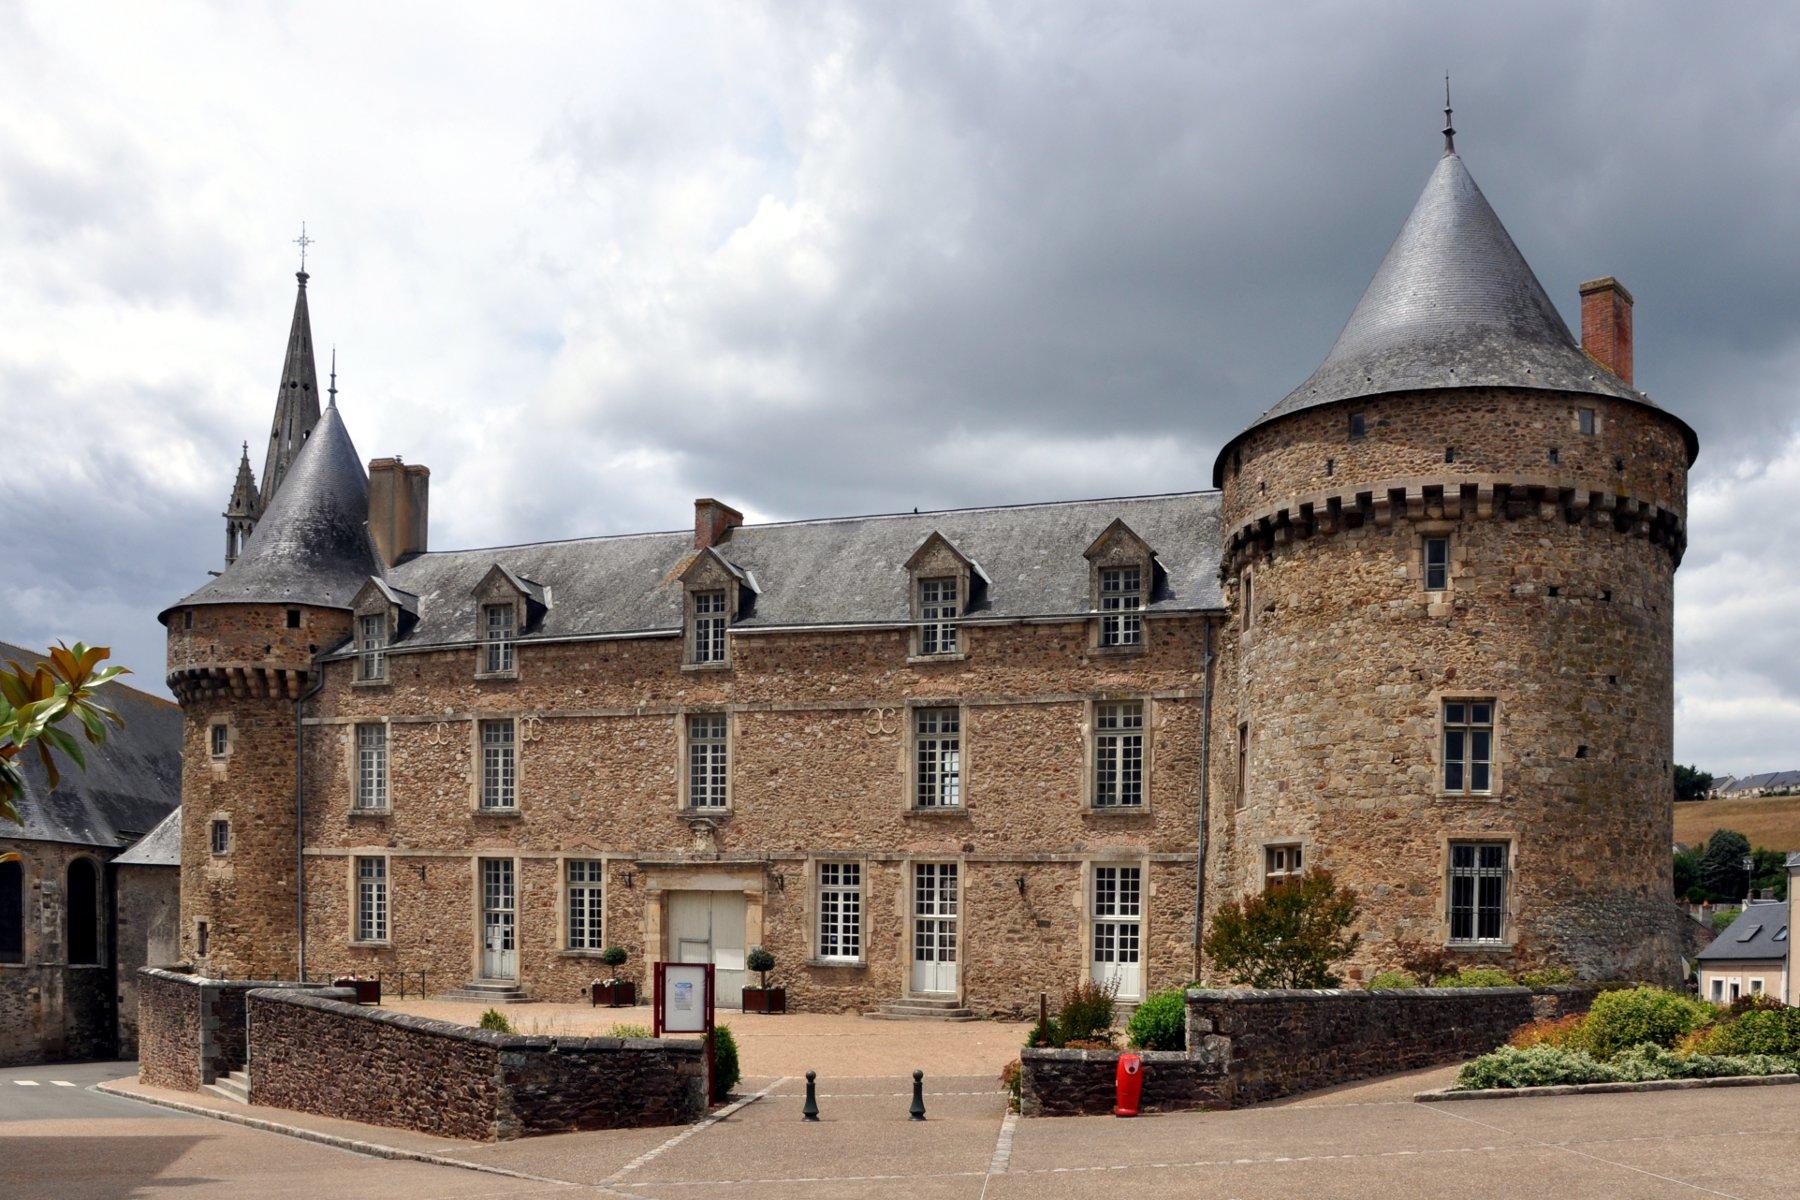 Sillé le Guillaume - Le château fort originel a été bâti au cours du XIème siècle - Il est composé de quatre tours dont un donjon de taille imposante ainsi que d'un logis (Source Internet, www.all-free-photos.com)